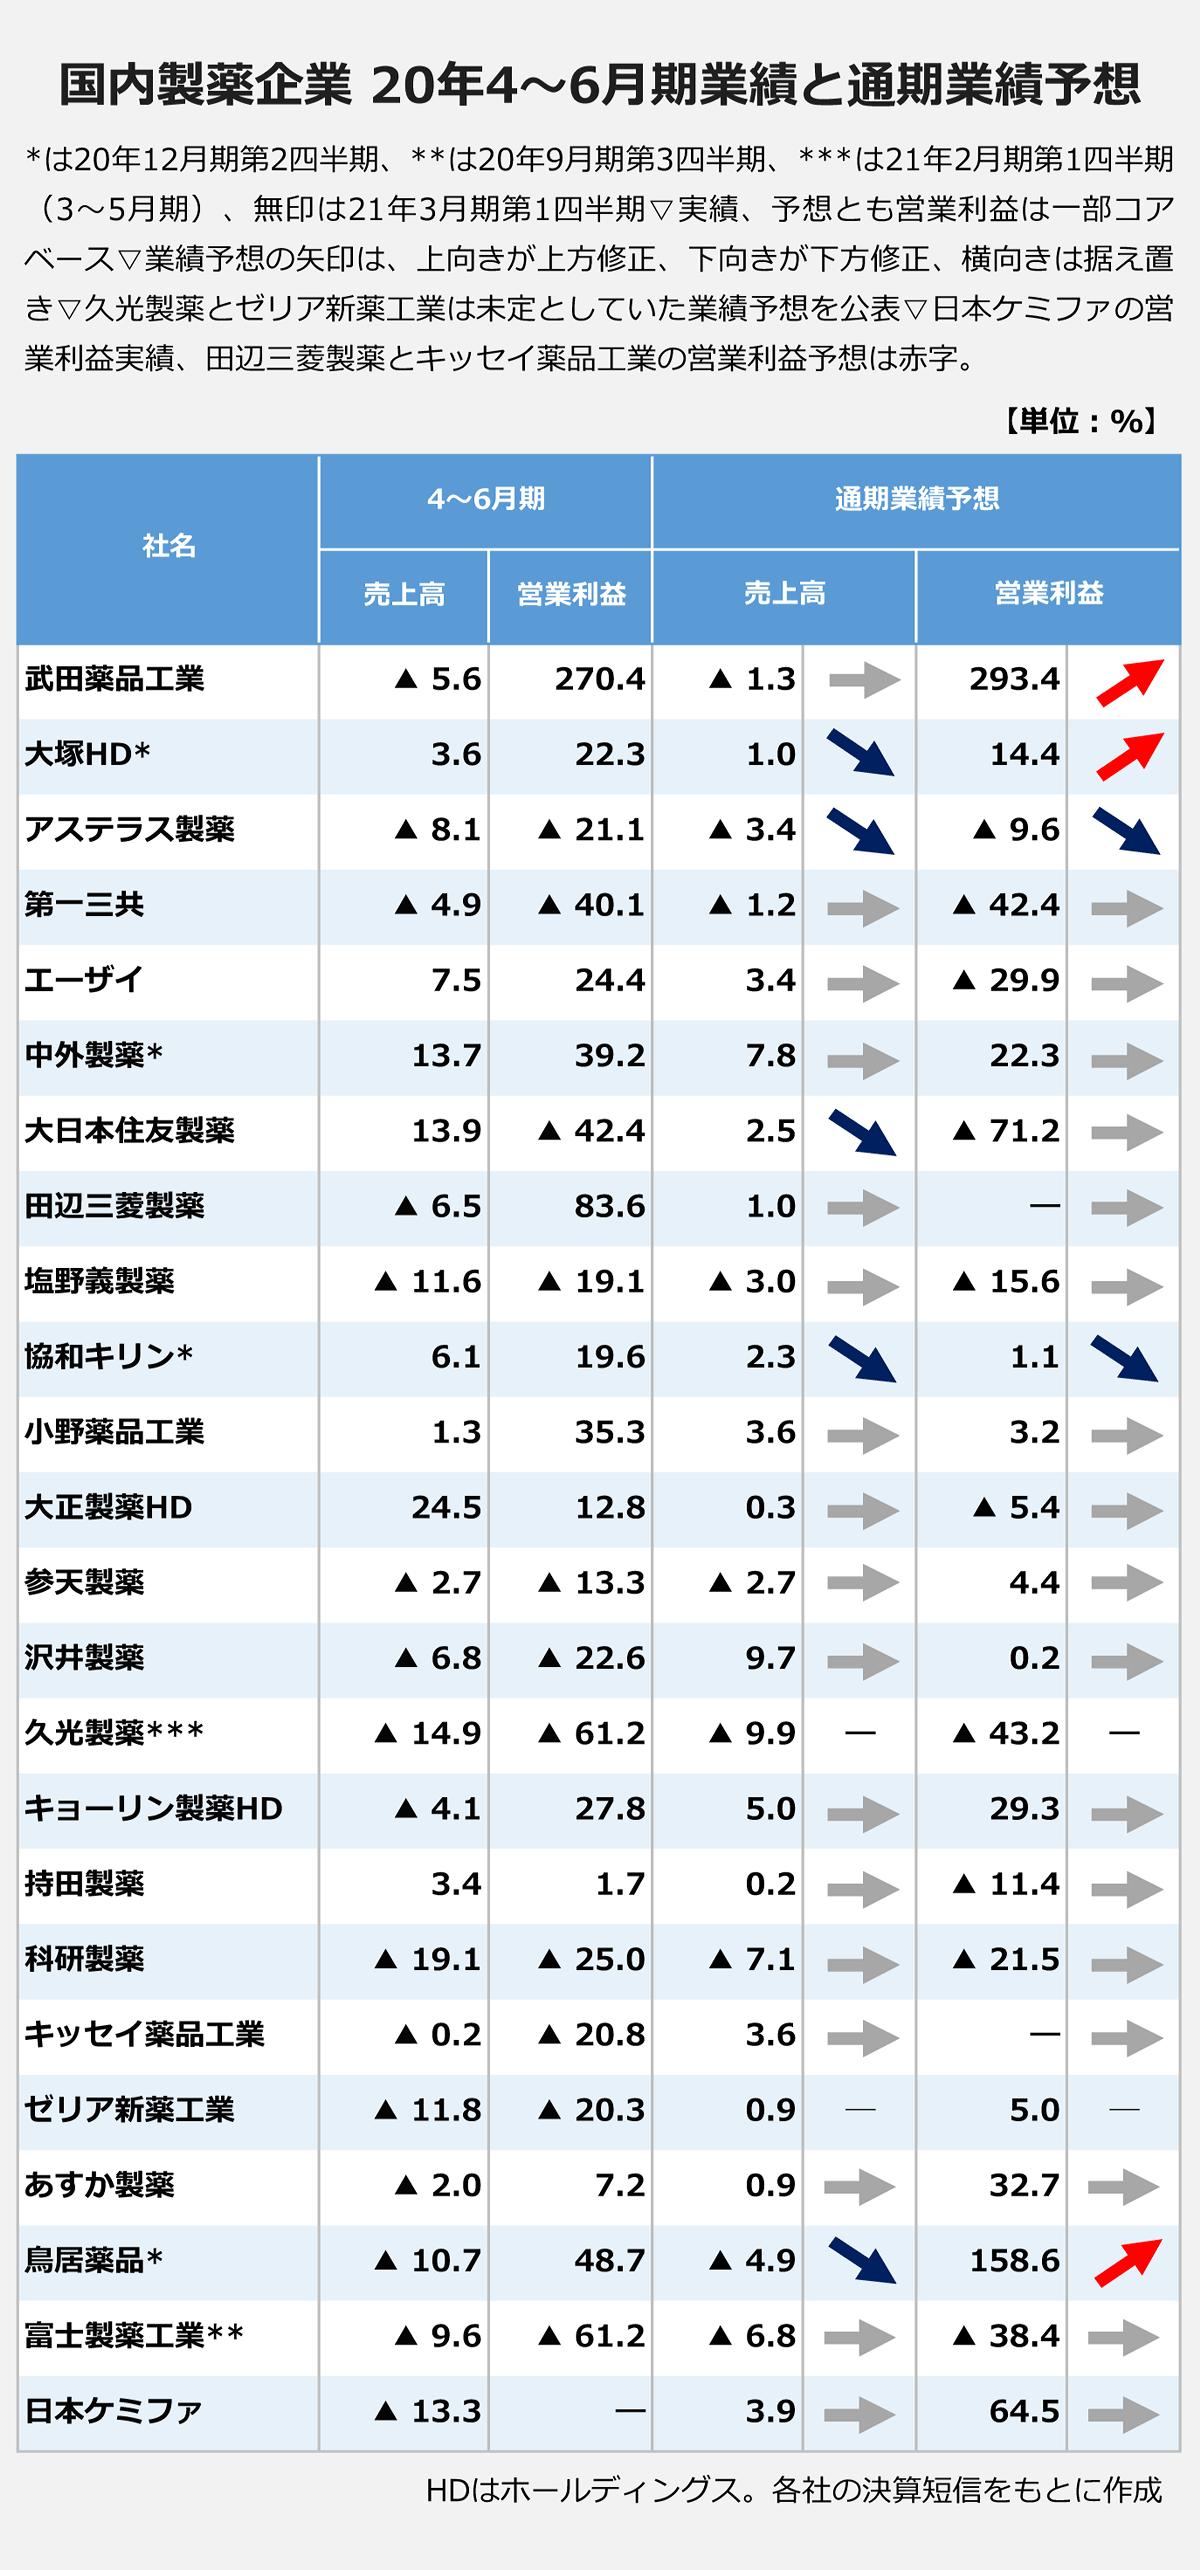 【国内製薬企業/20年4~6月期業績と通期業績予想】 *は20年12月期第2四半期、**は20年9月期第3四半期、***は21年2月期第1四半期(3~5月期)、無印は21年3月期第1四半期▽実績、予想とも営業利益は一部コアベース▽業績予想の矢印は、上向きが上方修正、下向きが下方修正、横向きは据え置き▽久光製薬とゼリア新薬工業は未定としていた業績予想を公表▽日本ケミファの営業利益実績、田辺三菱製薬とキッセイ薬品工業の営業利益予想は赤字。/(単位:%)(社名/4~6月期売上高/営業利益/通期業績予想売上高/営業利益): 武田薬品工業/▲5.6/270.4/▲1.3/→/293.4/↑ |大塚HD*/3.6/22.3/1.0/↓/14.4/↑ |アステラス製薬/▲8.1/▲21.1/▲3.4/↓/▲9.6/↓ |第一三共/▲4.9/▲40.1/▲1.2/→/▲42.4/→ |エーザイ/7.5/24.4/3.4/→/▲29.9/→ |中外製薬*/13.7/39.2/7.8/→/22.3/→ |大日本住友製薬/13.9/▲42.4/2.5/↓/▲71.2/→ |田辺三菱製薬/▲6.5/83.6/1.0/→/―/→ |塩野義製薬/▲11.6/▲19.1/▲3.0/→/▲15.6/→ |協和キリン*/6.1/19.6/2.3/↓/1.1/↓ |小野薬品工業/1.3/35.3/3.6/→/3.2/→ |大正製薬HD/24.5/12.8/0.3/→/▲5.4/→ |参天製薬/▲2.7/▲13.3/▲2.7/→/4.4/→ |沢井製薬/▲6.8/▲22.6/9.7/→/0.2/→ |久光製薬***/▲14.9/▲61.2/▲9.9/―/▲43.2/― |キョーリン製薬HD/▲4.1/27.8/5.0/→/29.3/→ |持田製薬/3.4/1.7/0.2/→/▲11.4/→ |科研製薬/▲19.1/▲25.0/▲7.1/→/▲21.5/→ |キッセイ薬品工業/▲0.2/▲20.8/3.6/→/―/→ |ゼリア新薬工業/▲11.8/▲20.3/0.9/―/5.0/― |あすか製薬/▲2.0/7.2/0.9/→/32.7/→ |鳥居薬品*/▲10.7/48.7/▲4.9/↓/158.6/↑ |富士製薬工業**/▲9.6/▲61.2/▲6.8/→/▲38.4/→ |日本ケミファ/▲13.3/―/3.9/→/64.5/→ |※HDはホールディングス。各社の決算短信をもとに作成